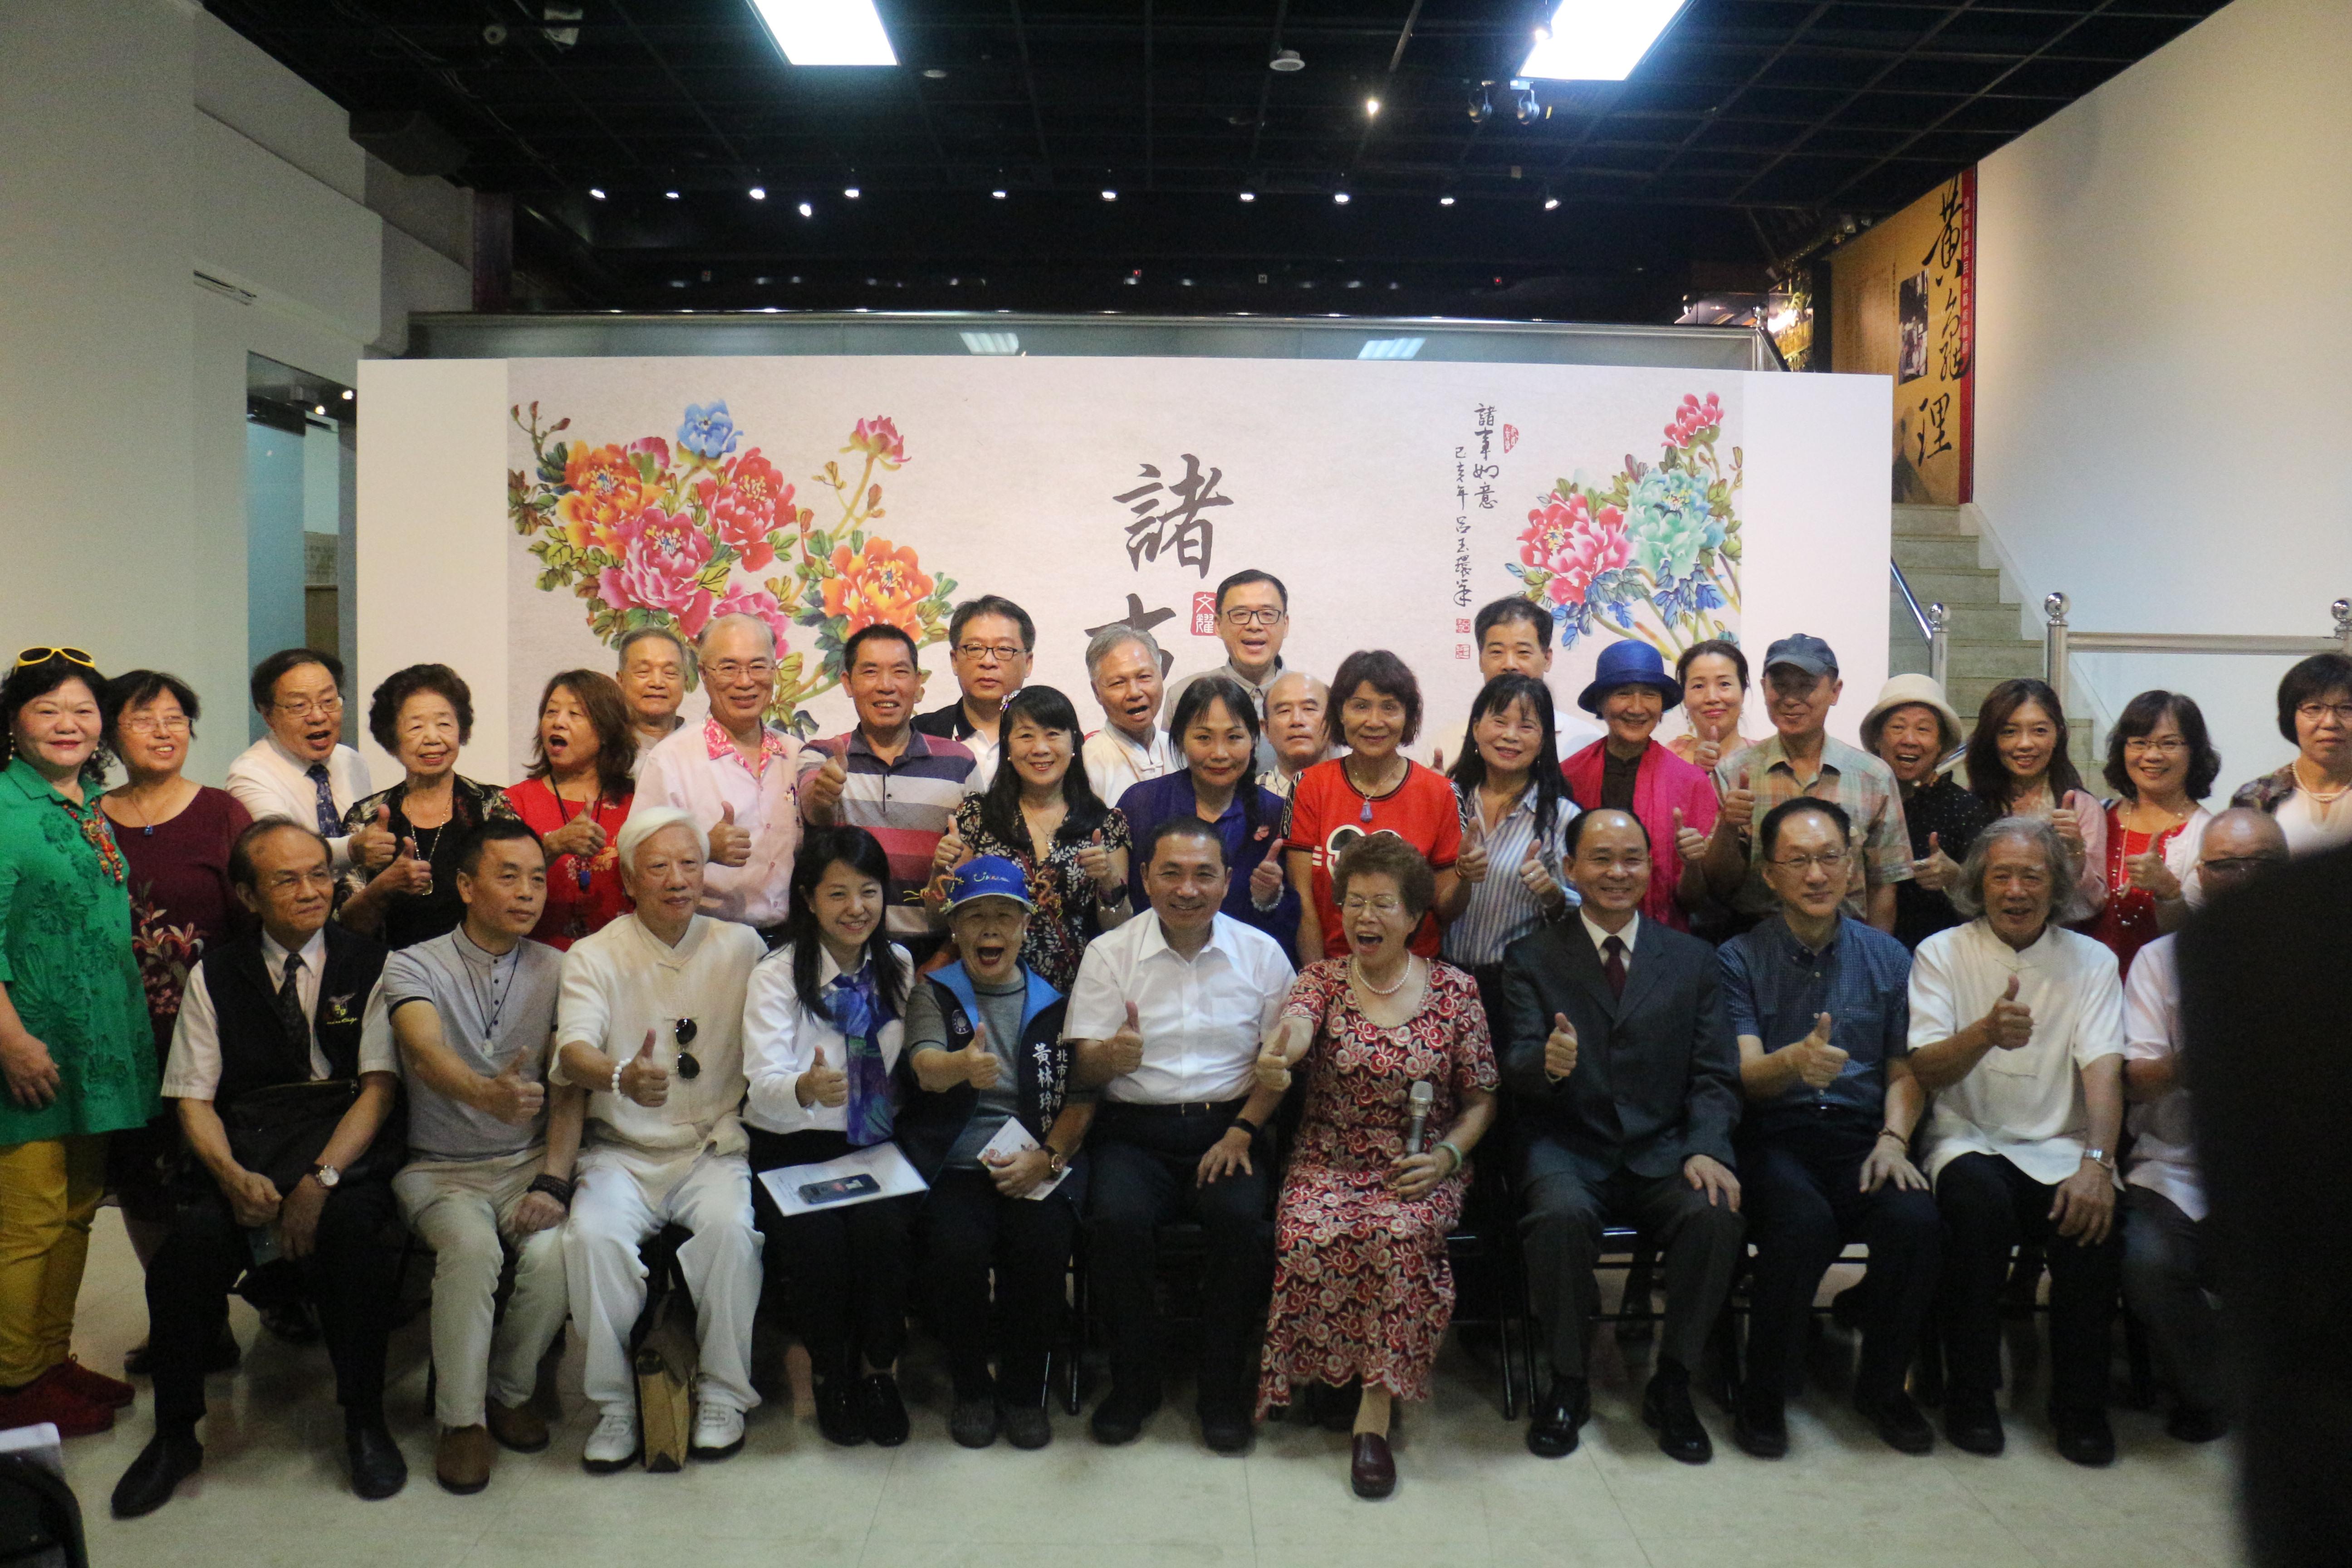 國際藝術聯展 藝術家齊聚新北展出150幅精彩作品